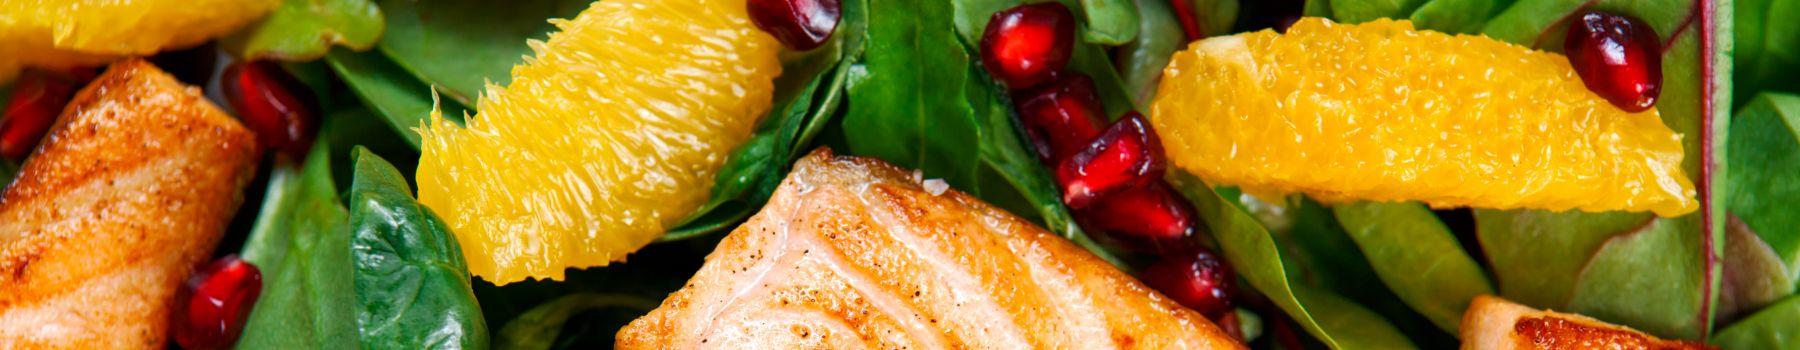 Sprawdzone przepisy na sałatkę z łososiem